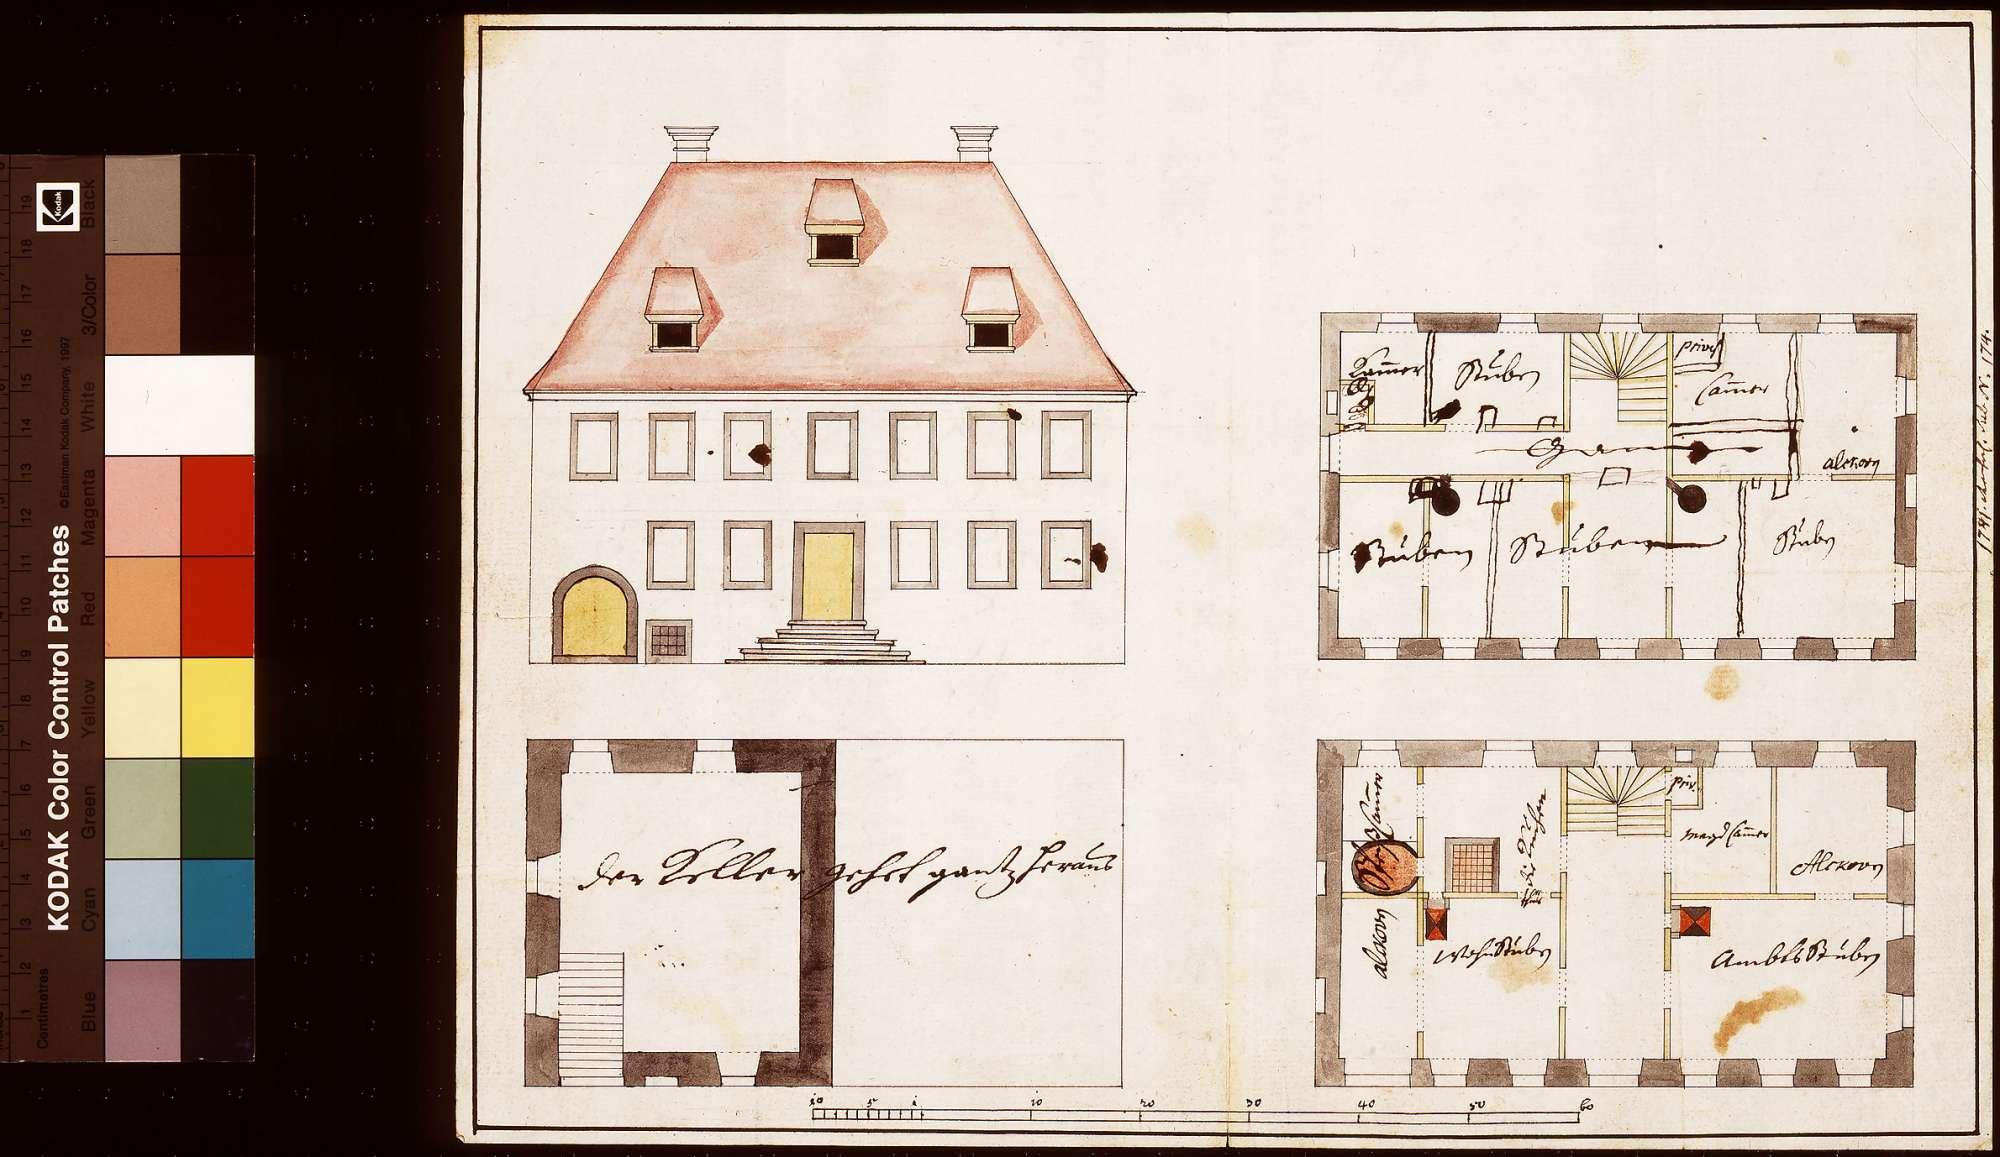 [Altes Amtshaus zu Abstatt], Bild 1